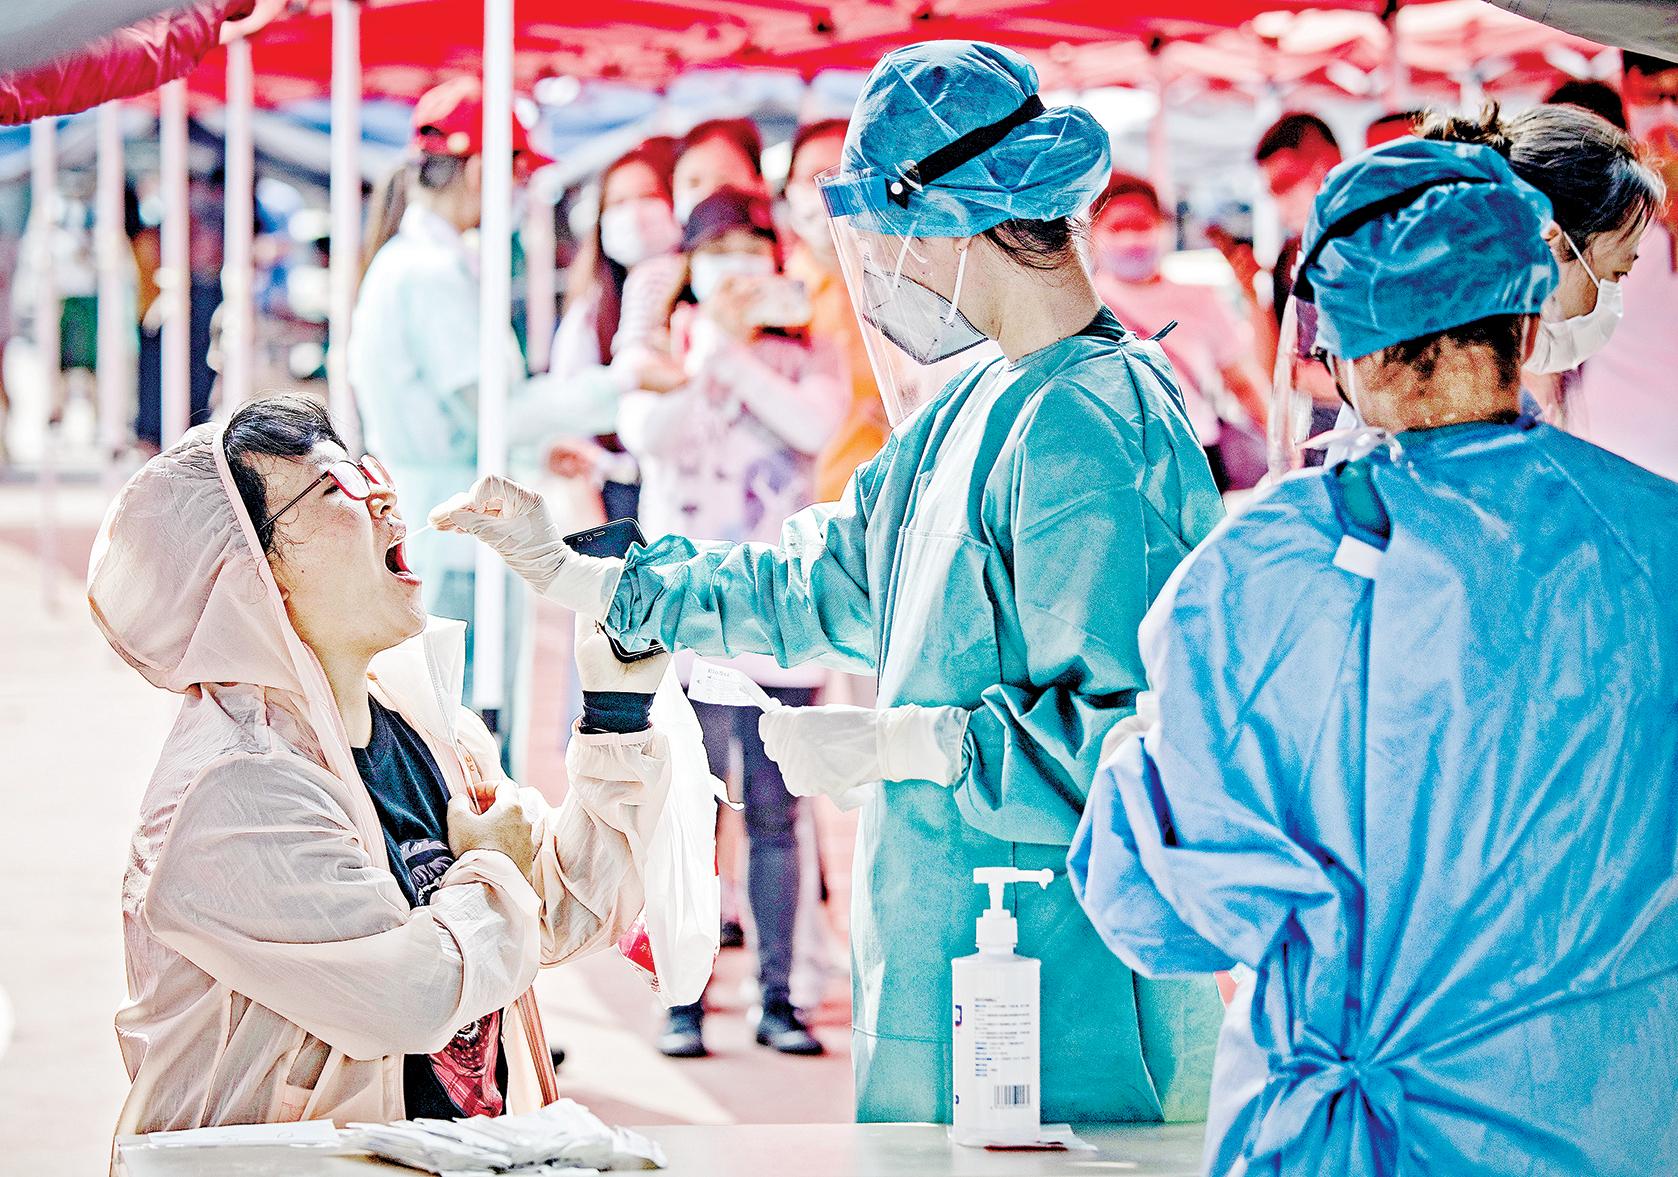 6月23日,北京對市民進行大規模病毒測試。(Getty Images)